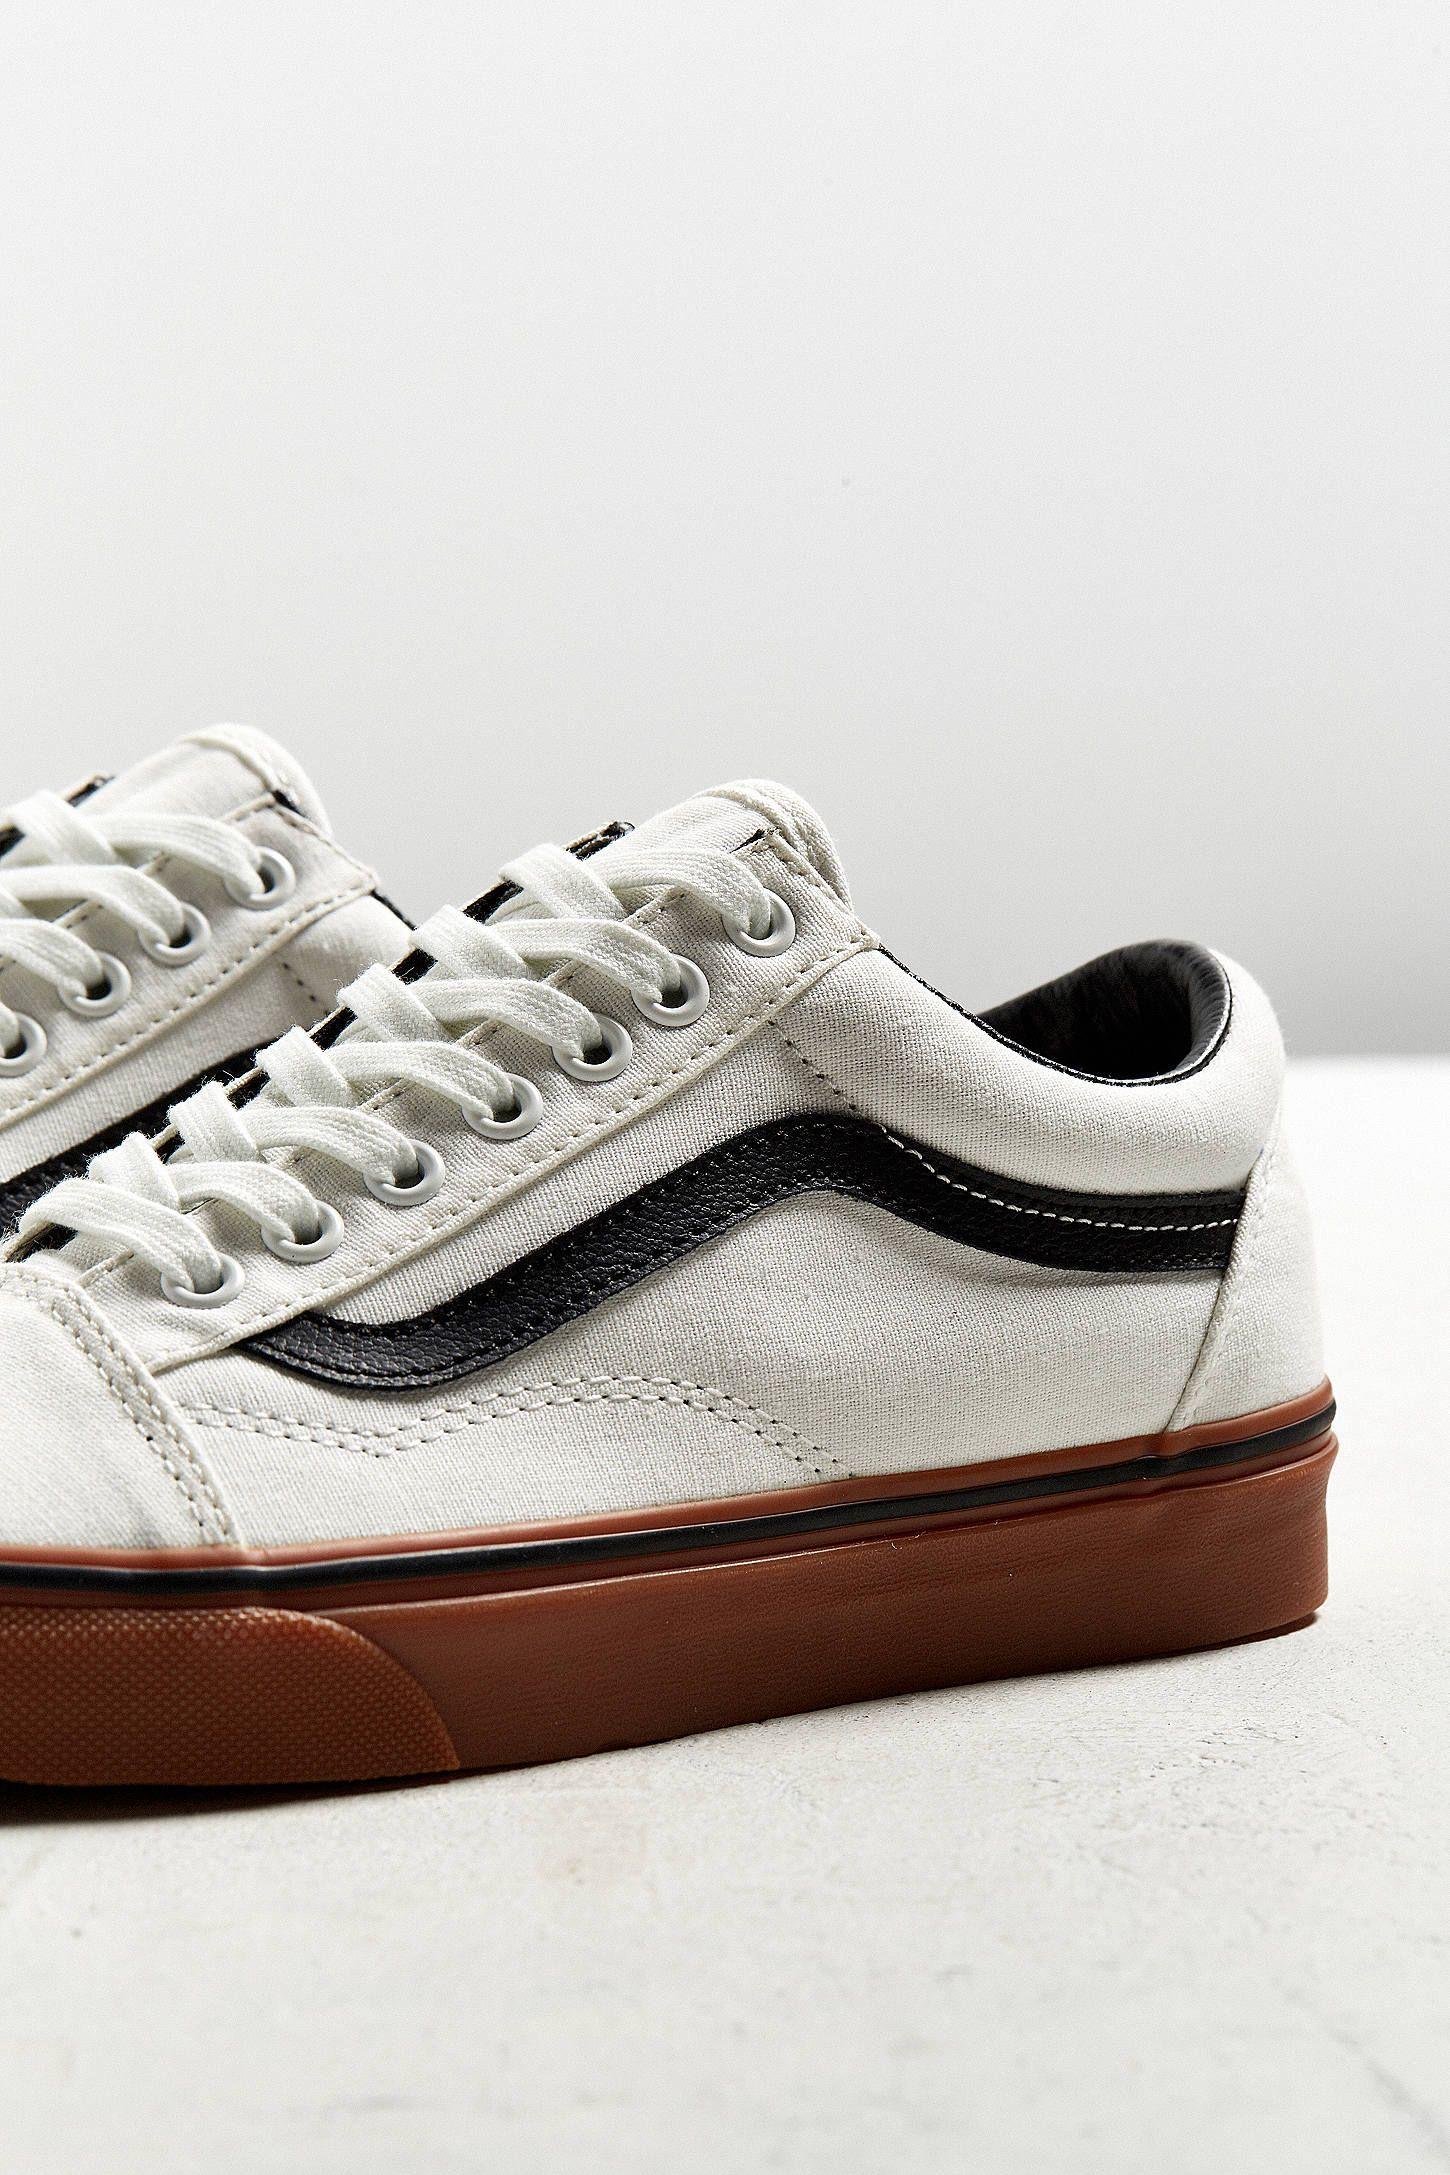 ef3b0f4cd792 Vans Old Skool Gum Sole Sneaker Vans Old Skool